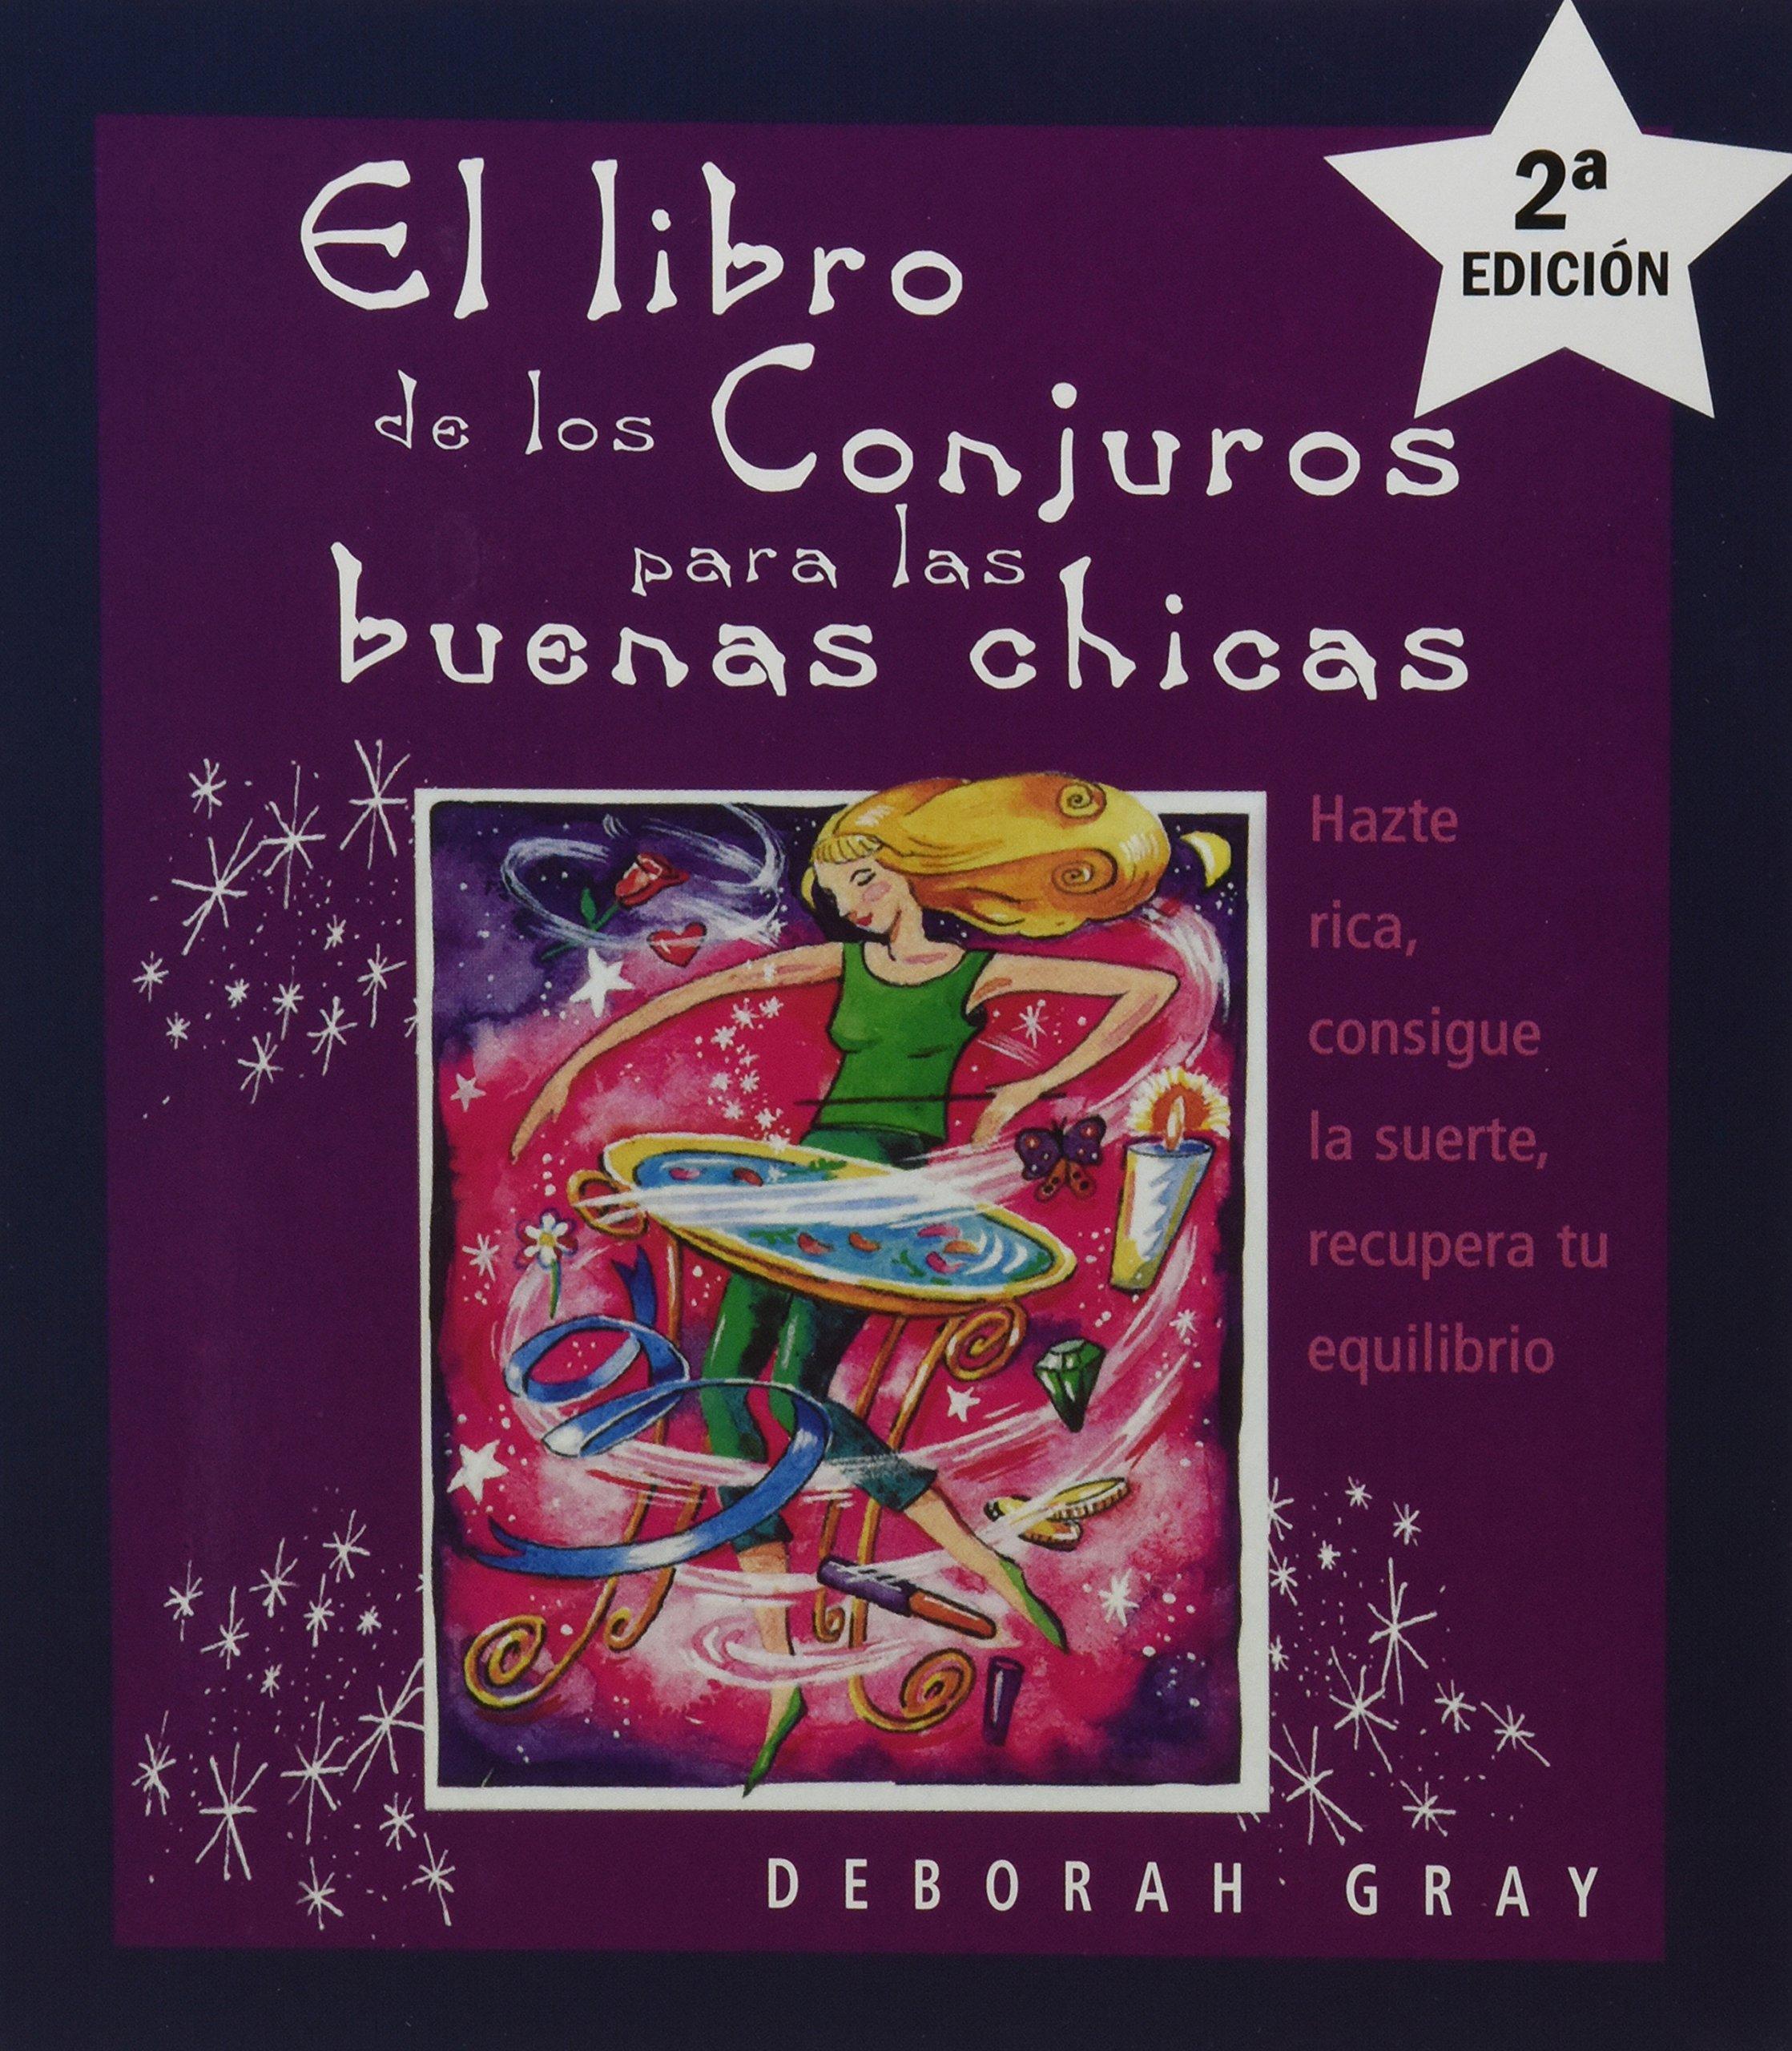 El libro de los conjuros para las buenas chicas MAGIA Y OCULTISMO: Amazon.es: DEBORAH GRAY: Libros